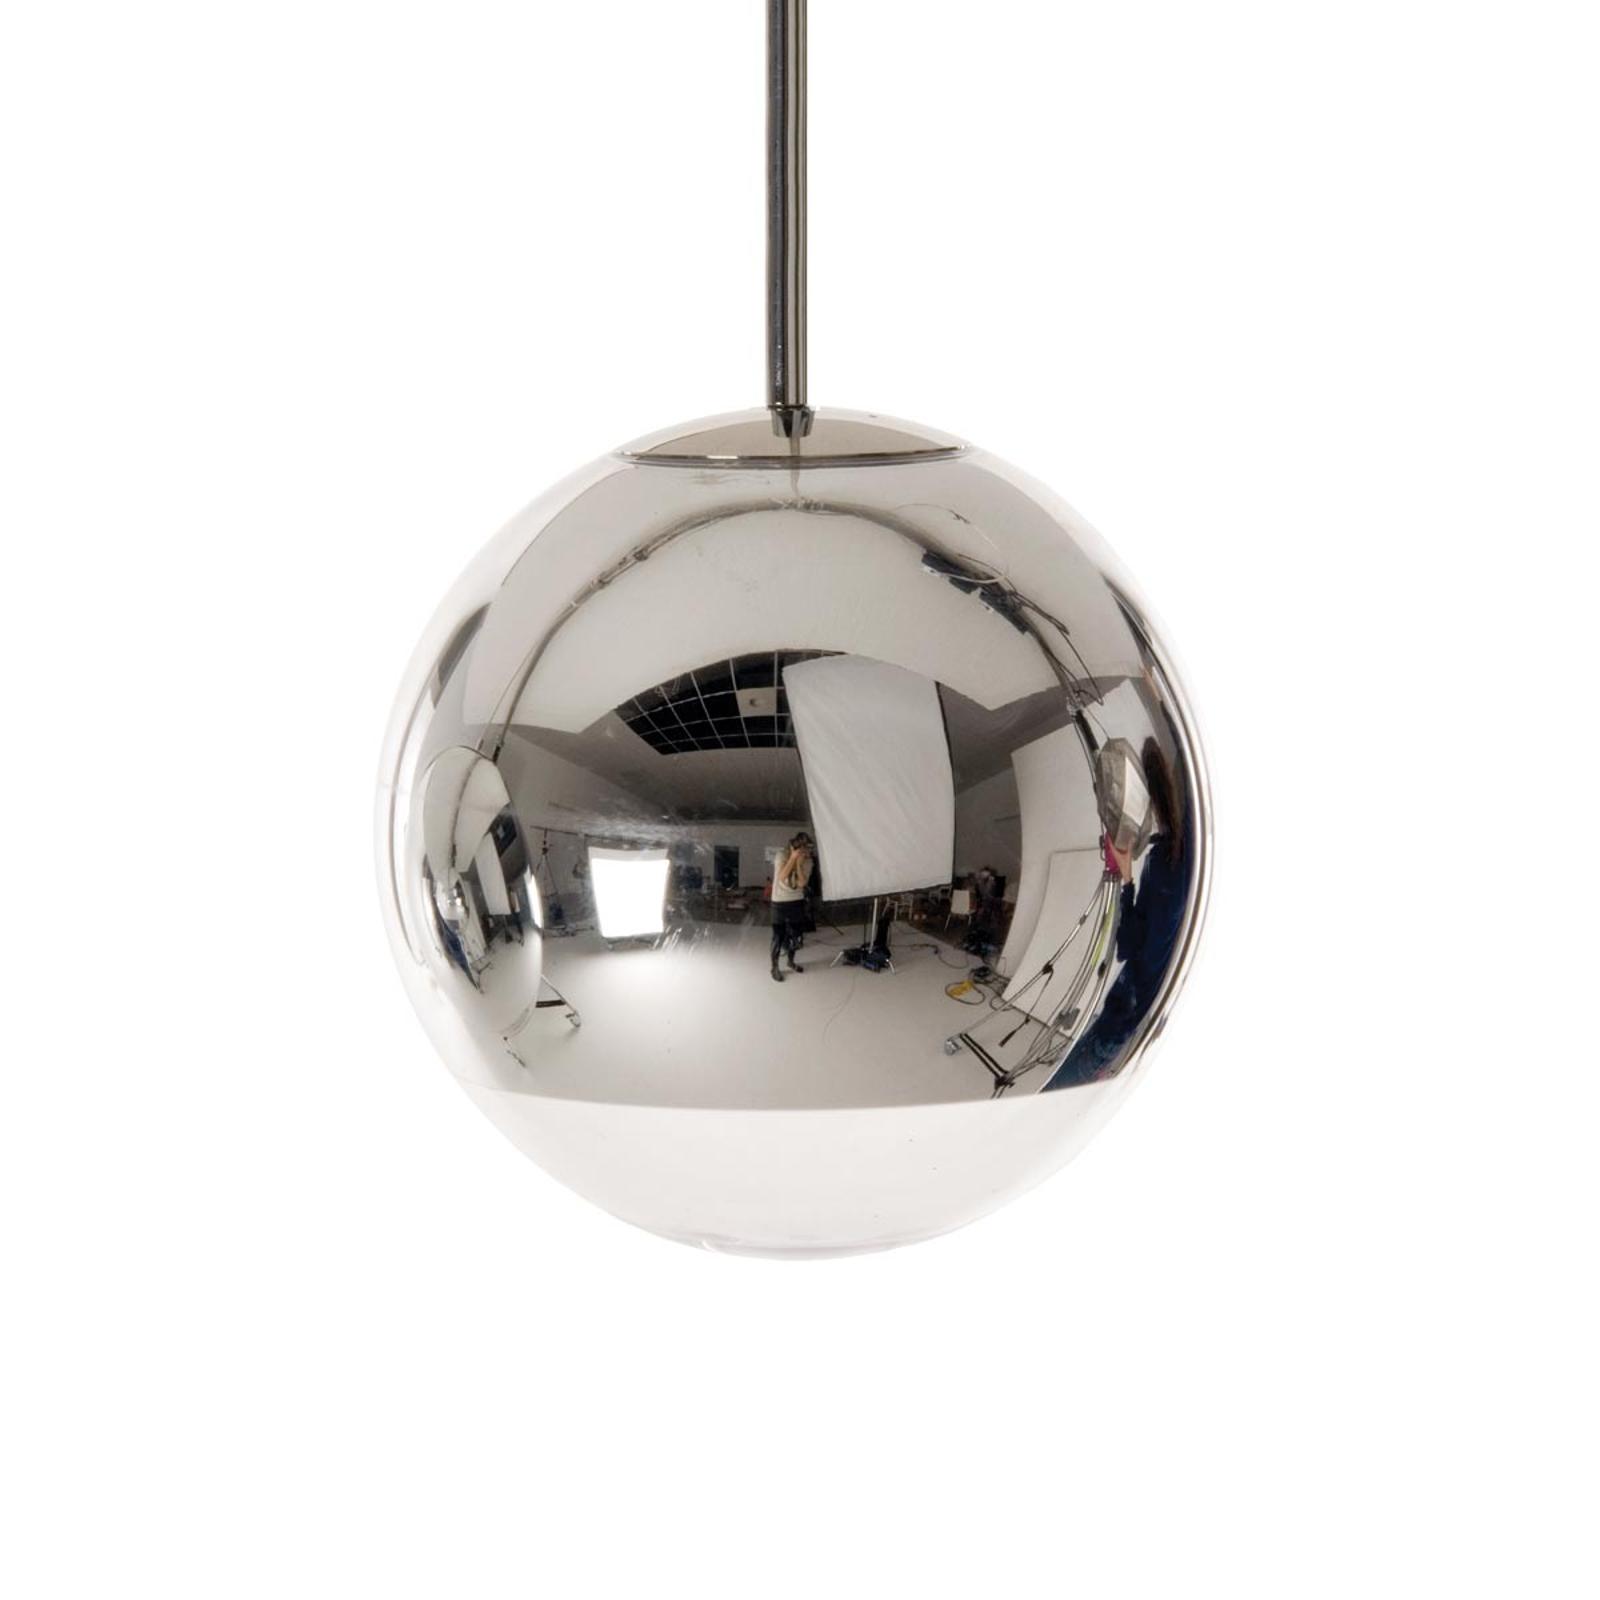 Tom Dixon Mirror Ball - Hängeleuchte chrom, 25 cm